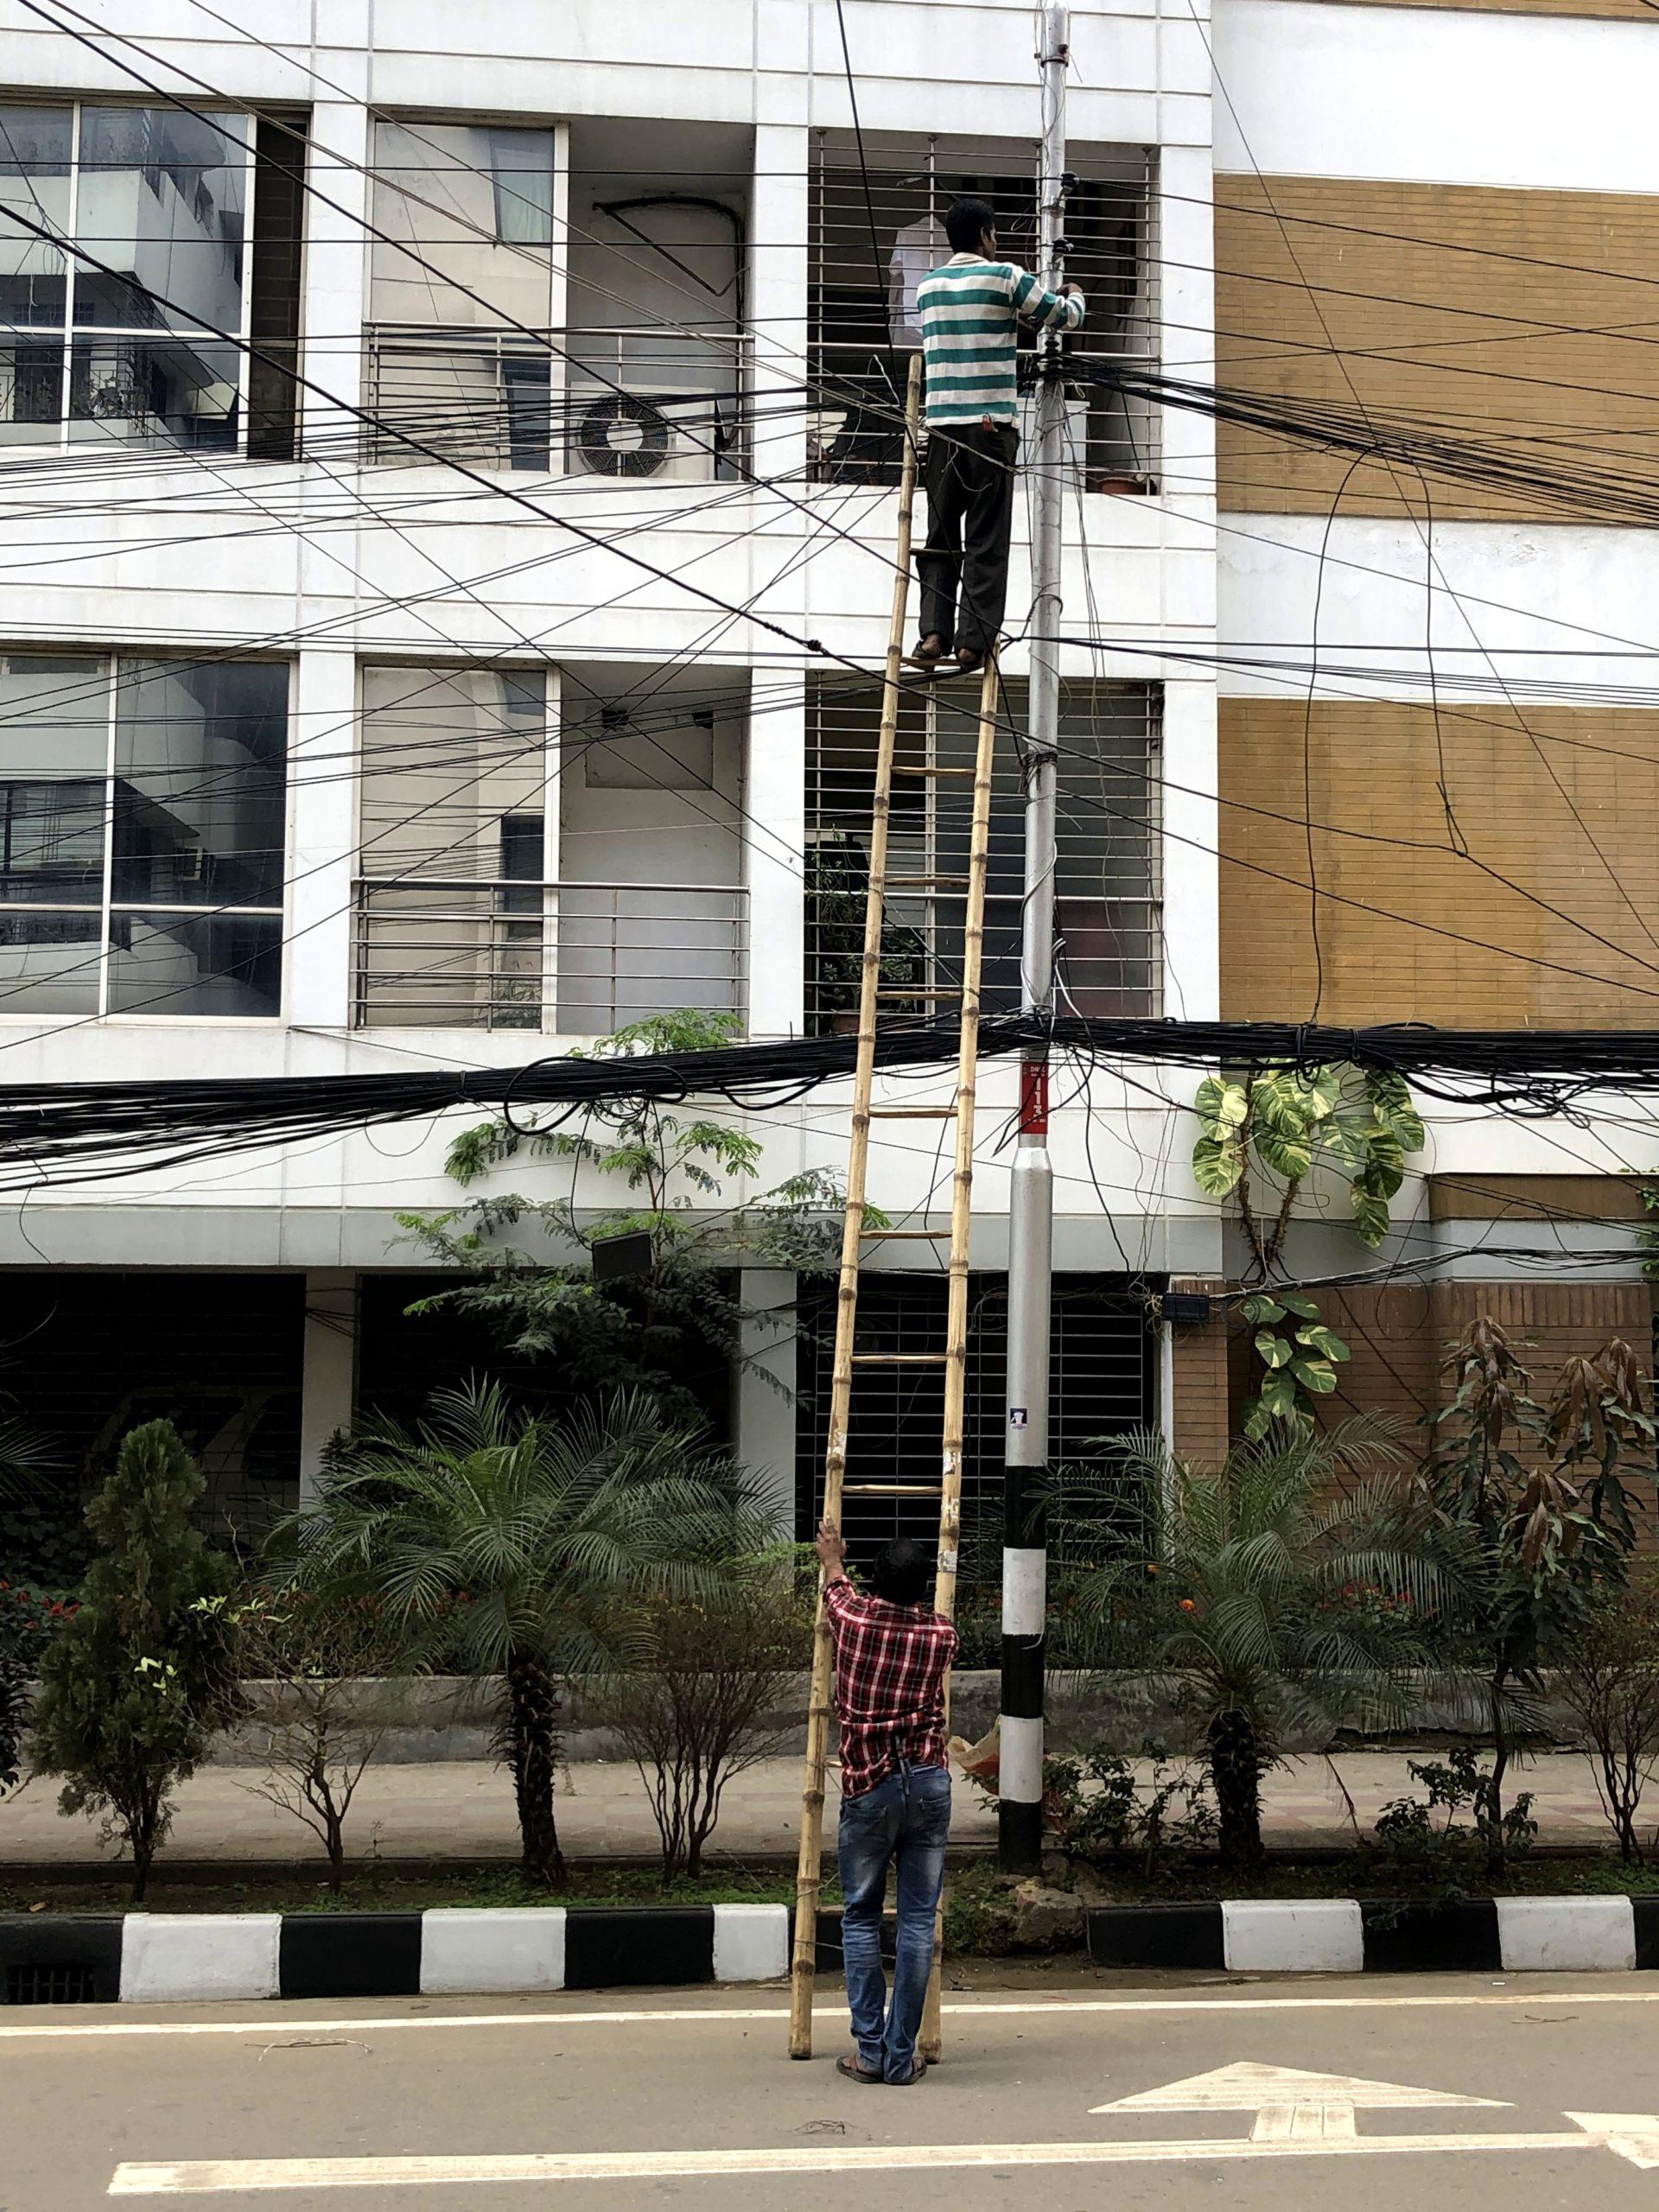 ダッカでよく見かける光景-電線をいじくりまわす人たち-